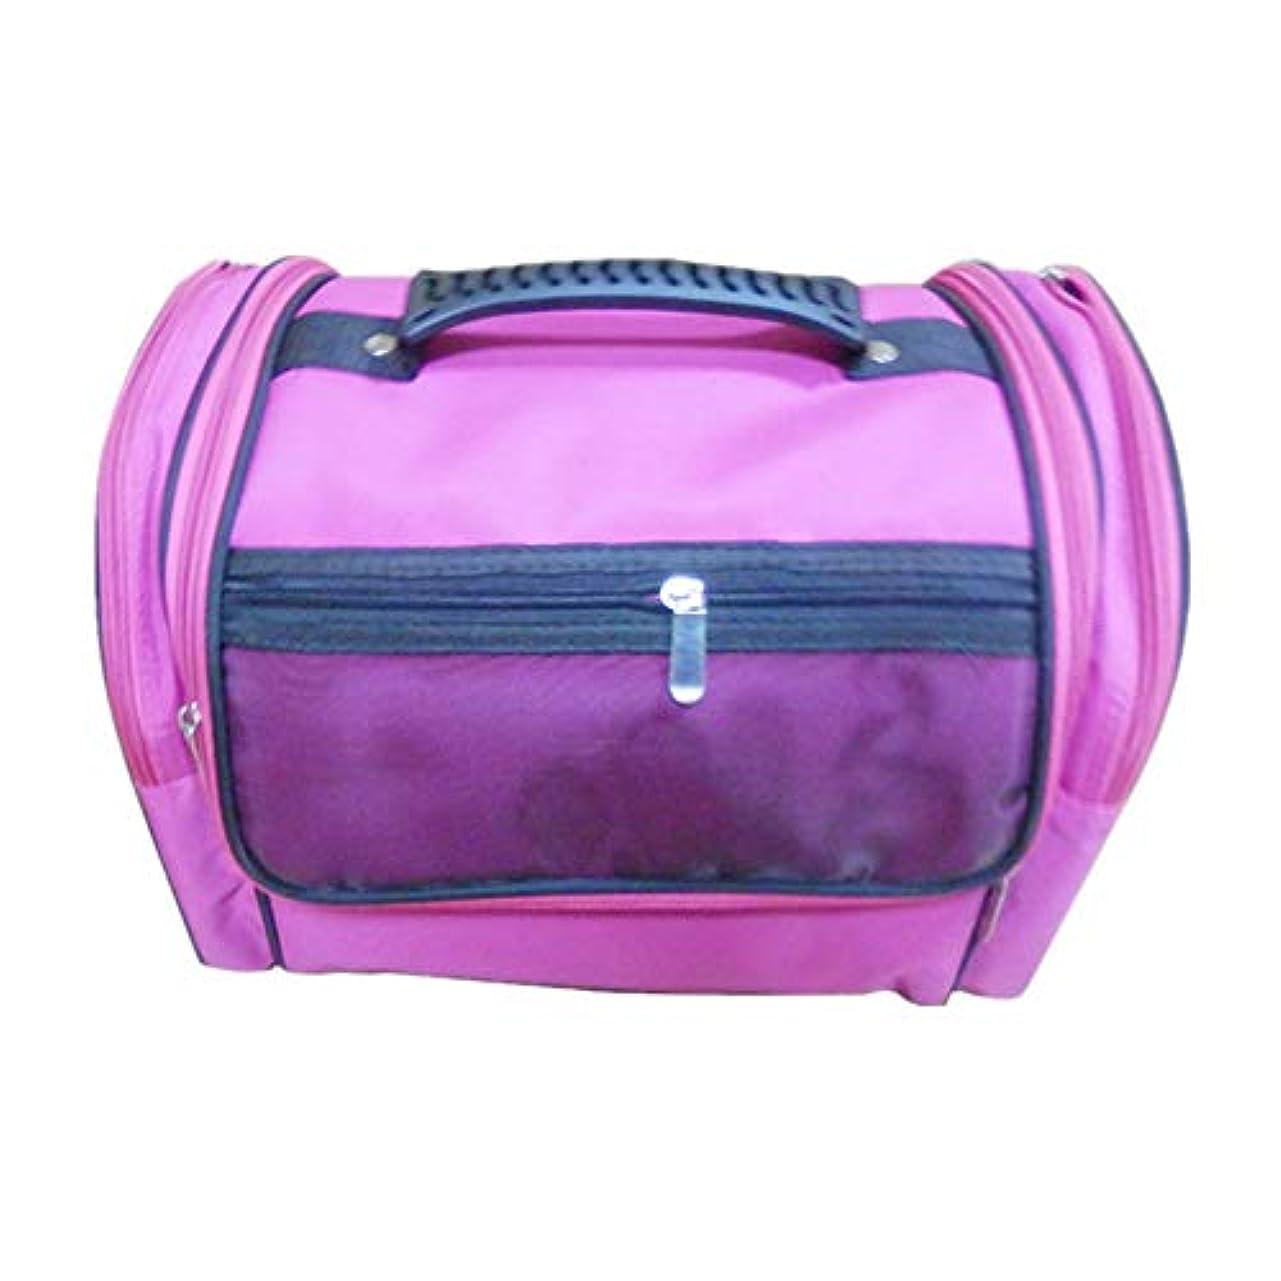 テンポアセンブリソース化粧オーガナイザーバッグ 高容量カジュアルポータ??ブルキャンバス化粧品バッグ旅行のための美容メイクアップとジッパーで毎日のストレージ 化粧品ケース